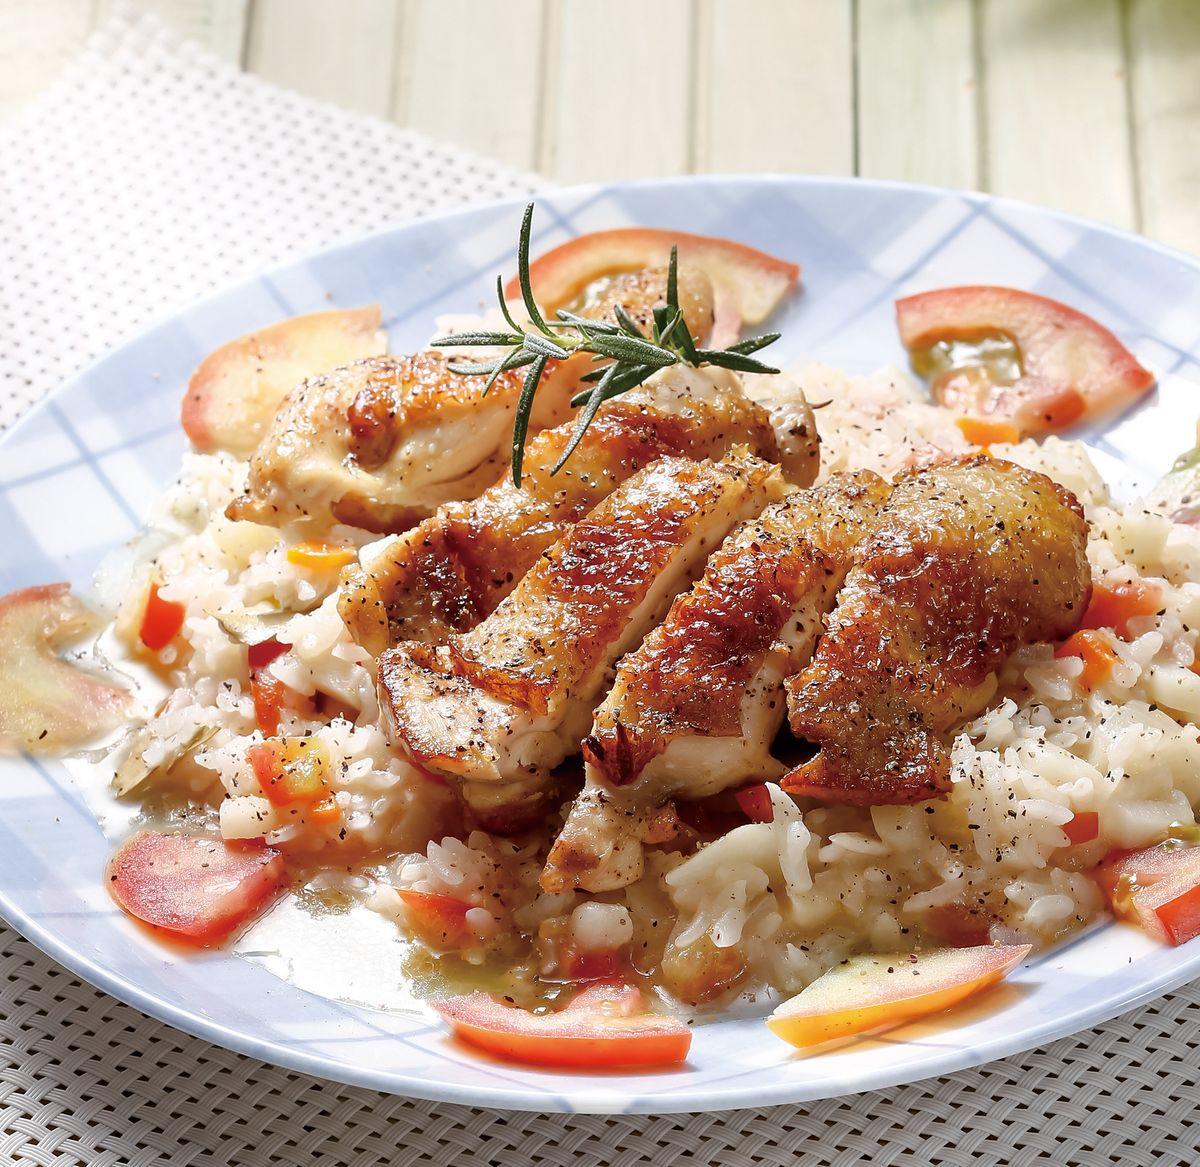 食譜:茄汁雞肉燉飯